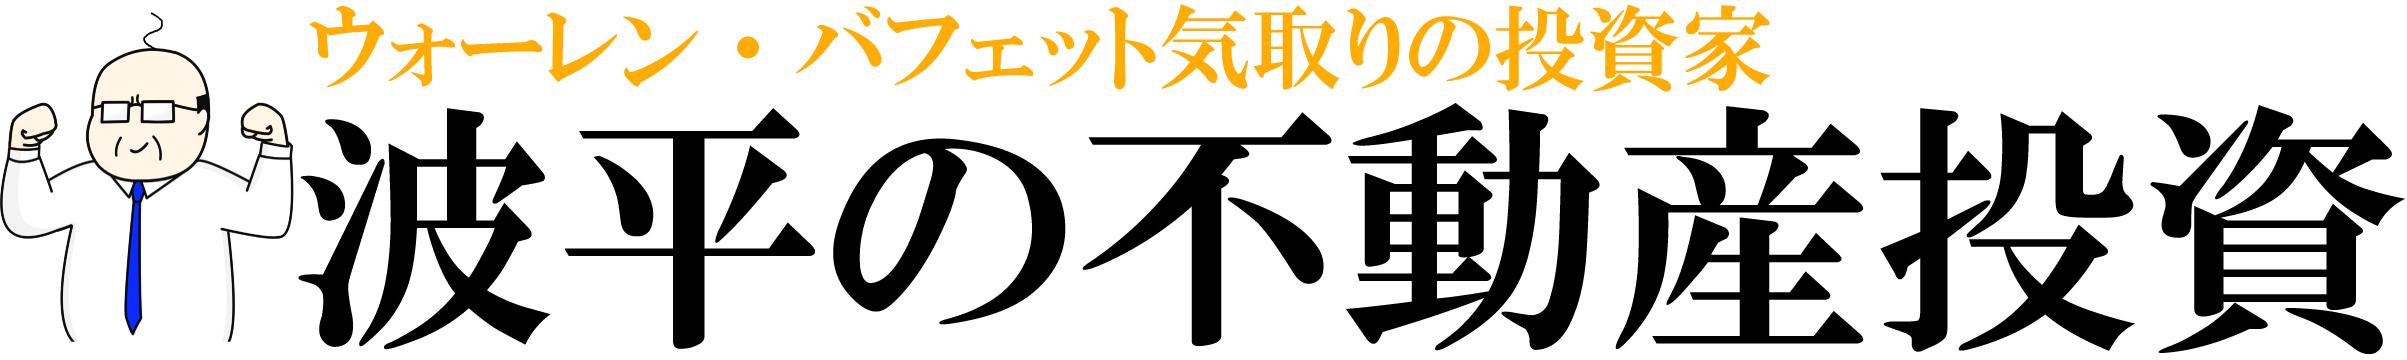 山田太郎の不動産投資